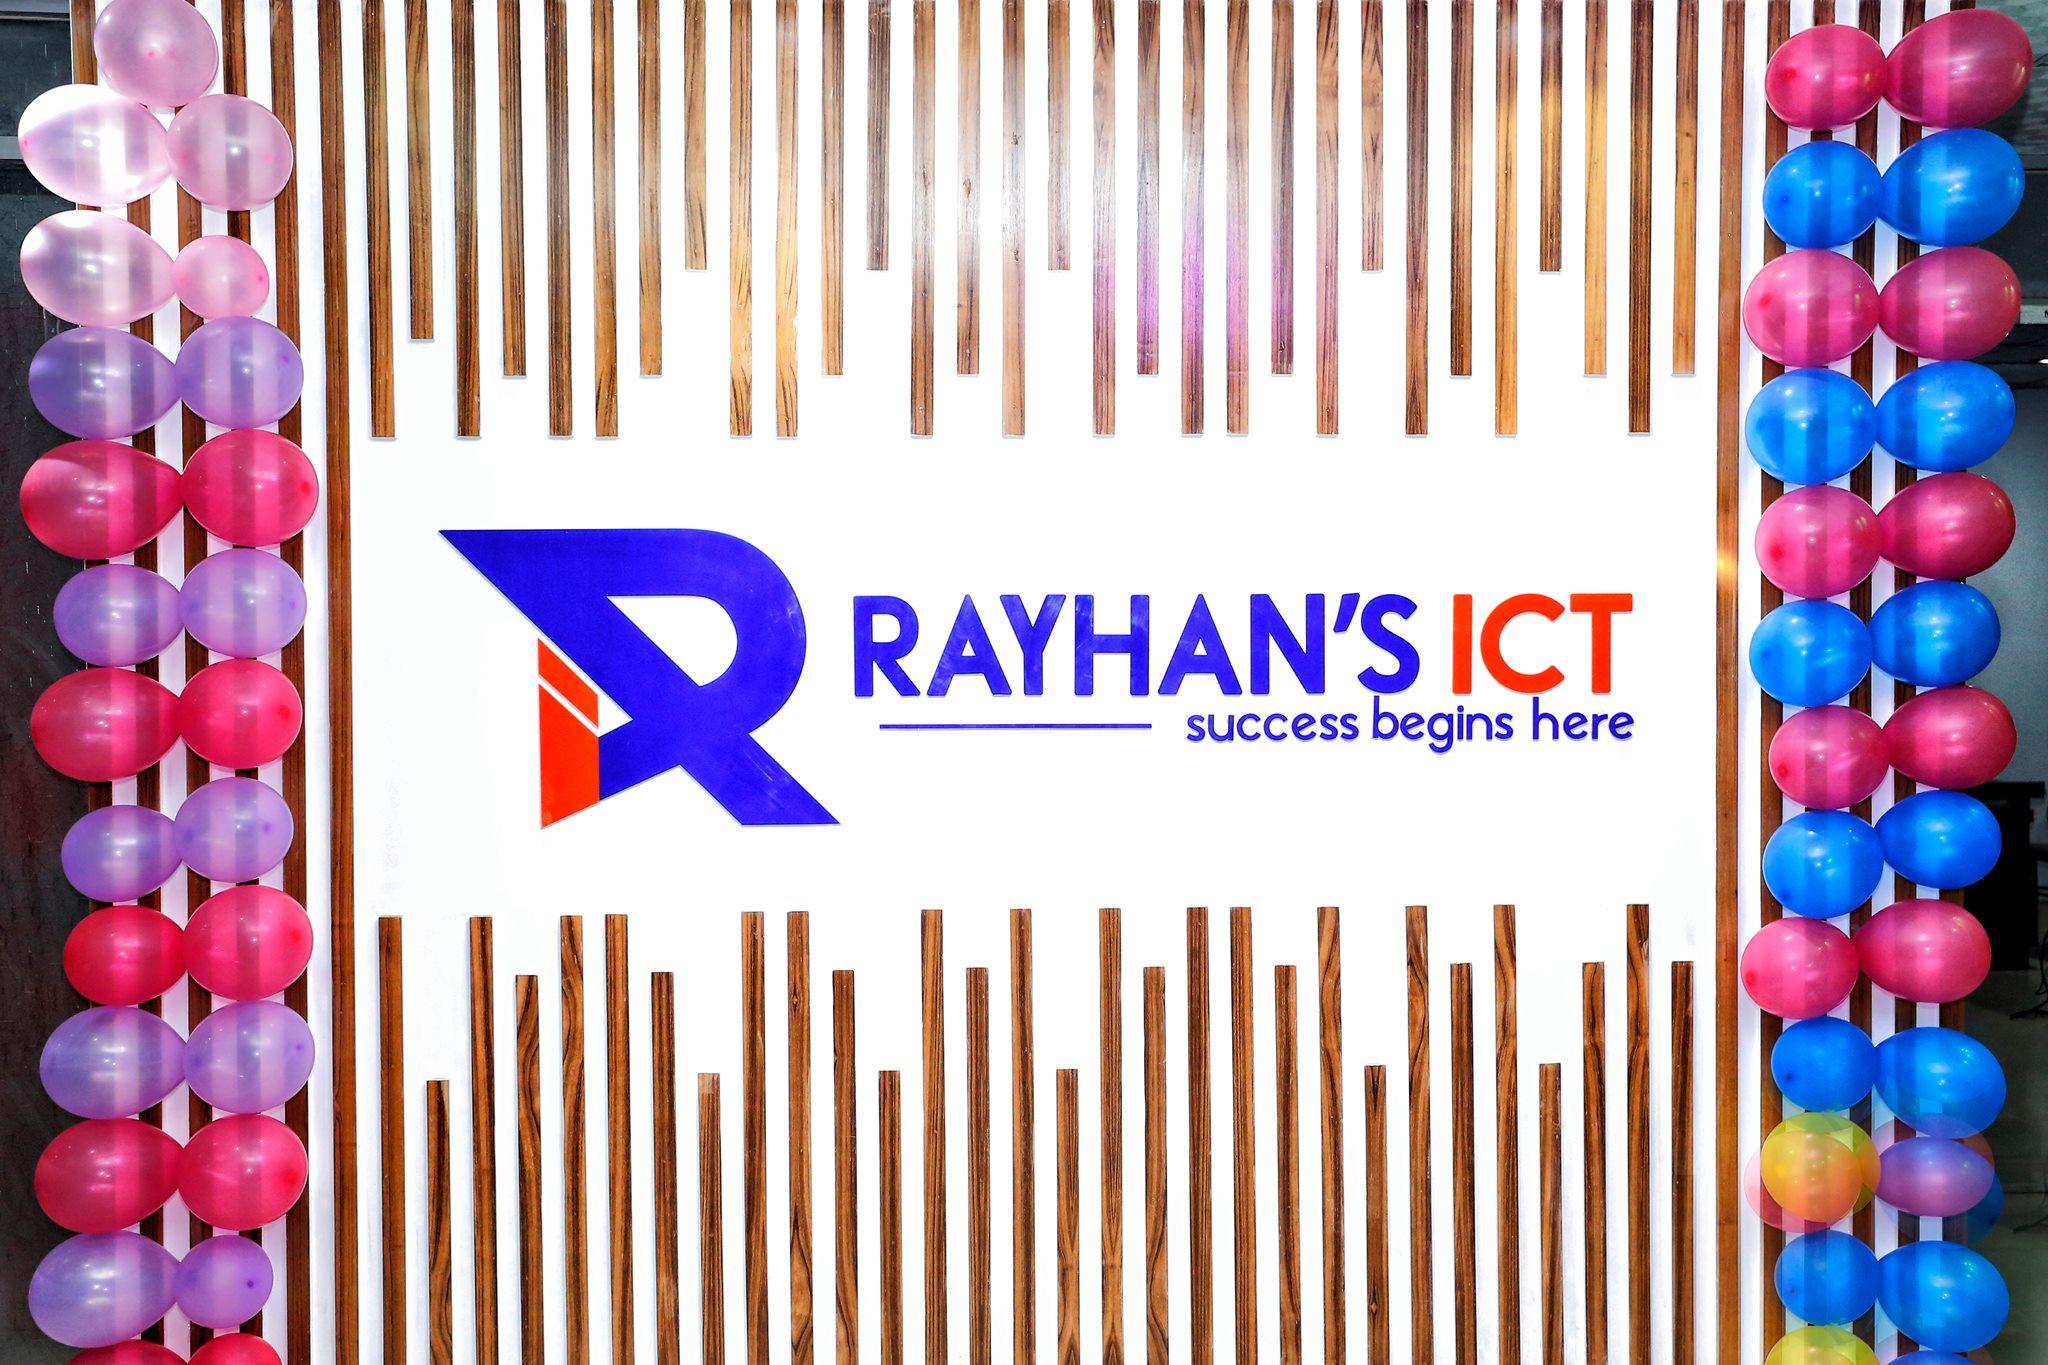 rayhans ict